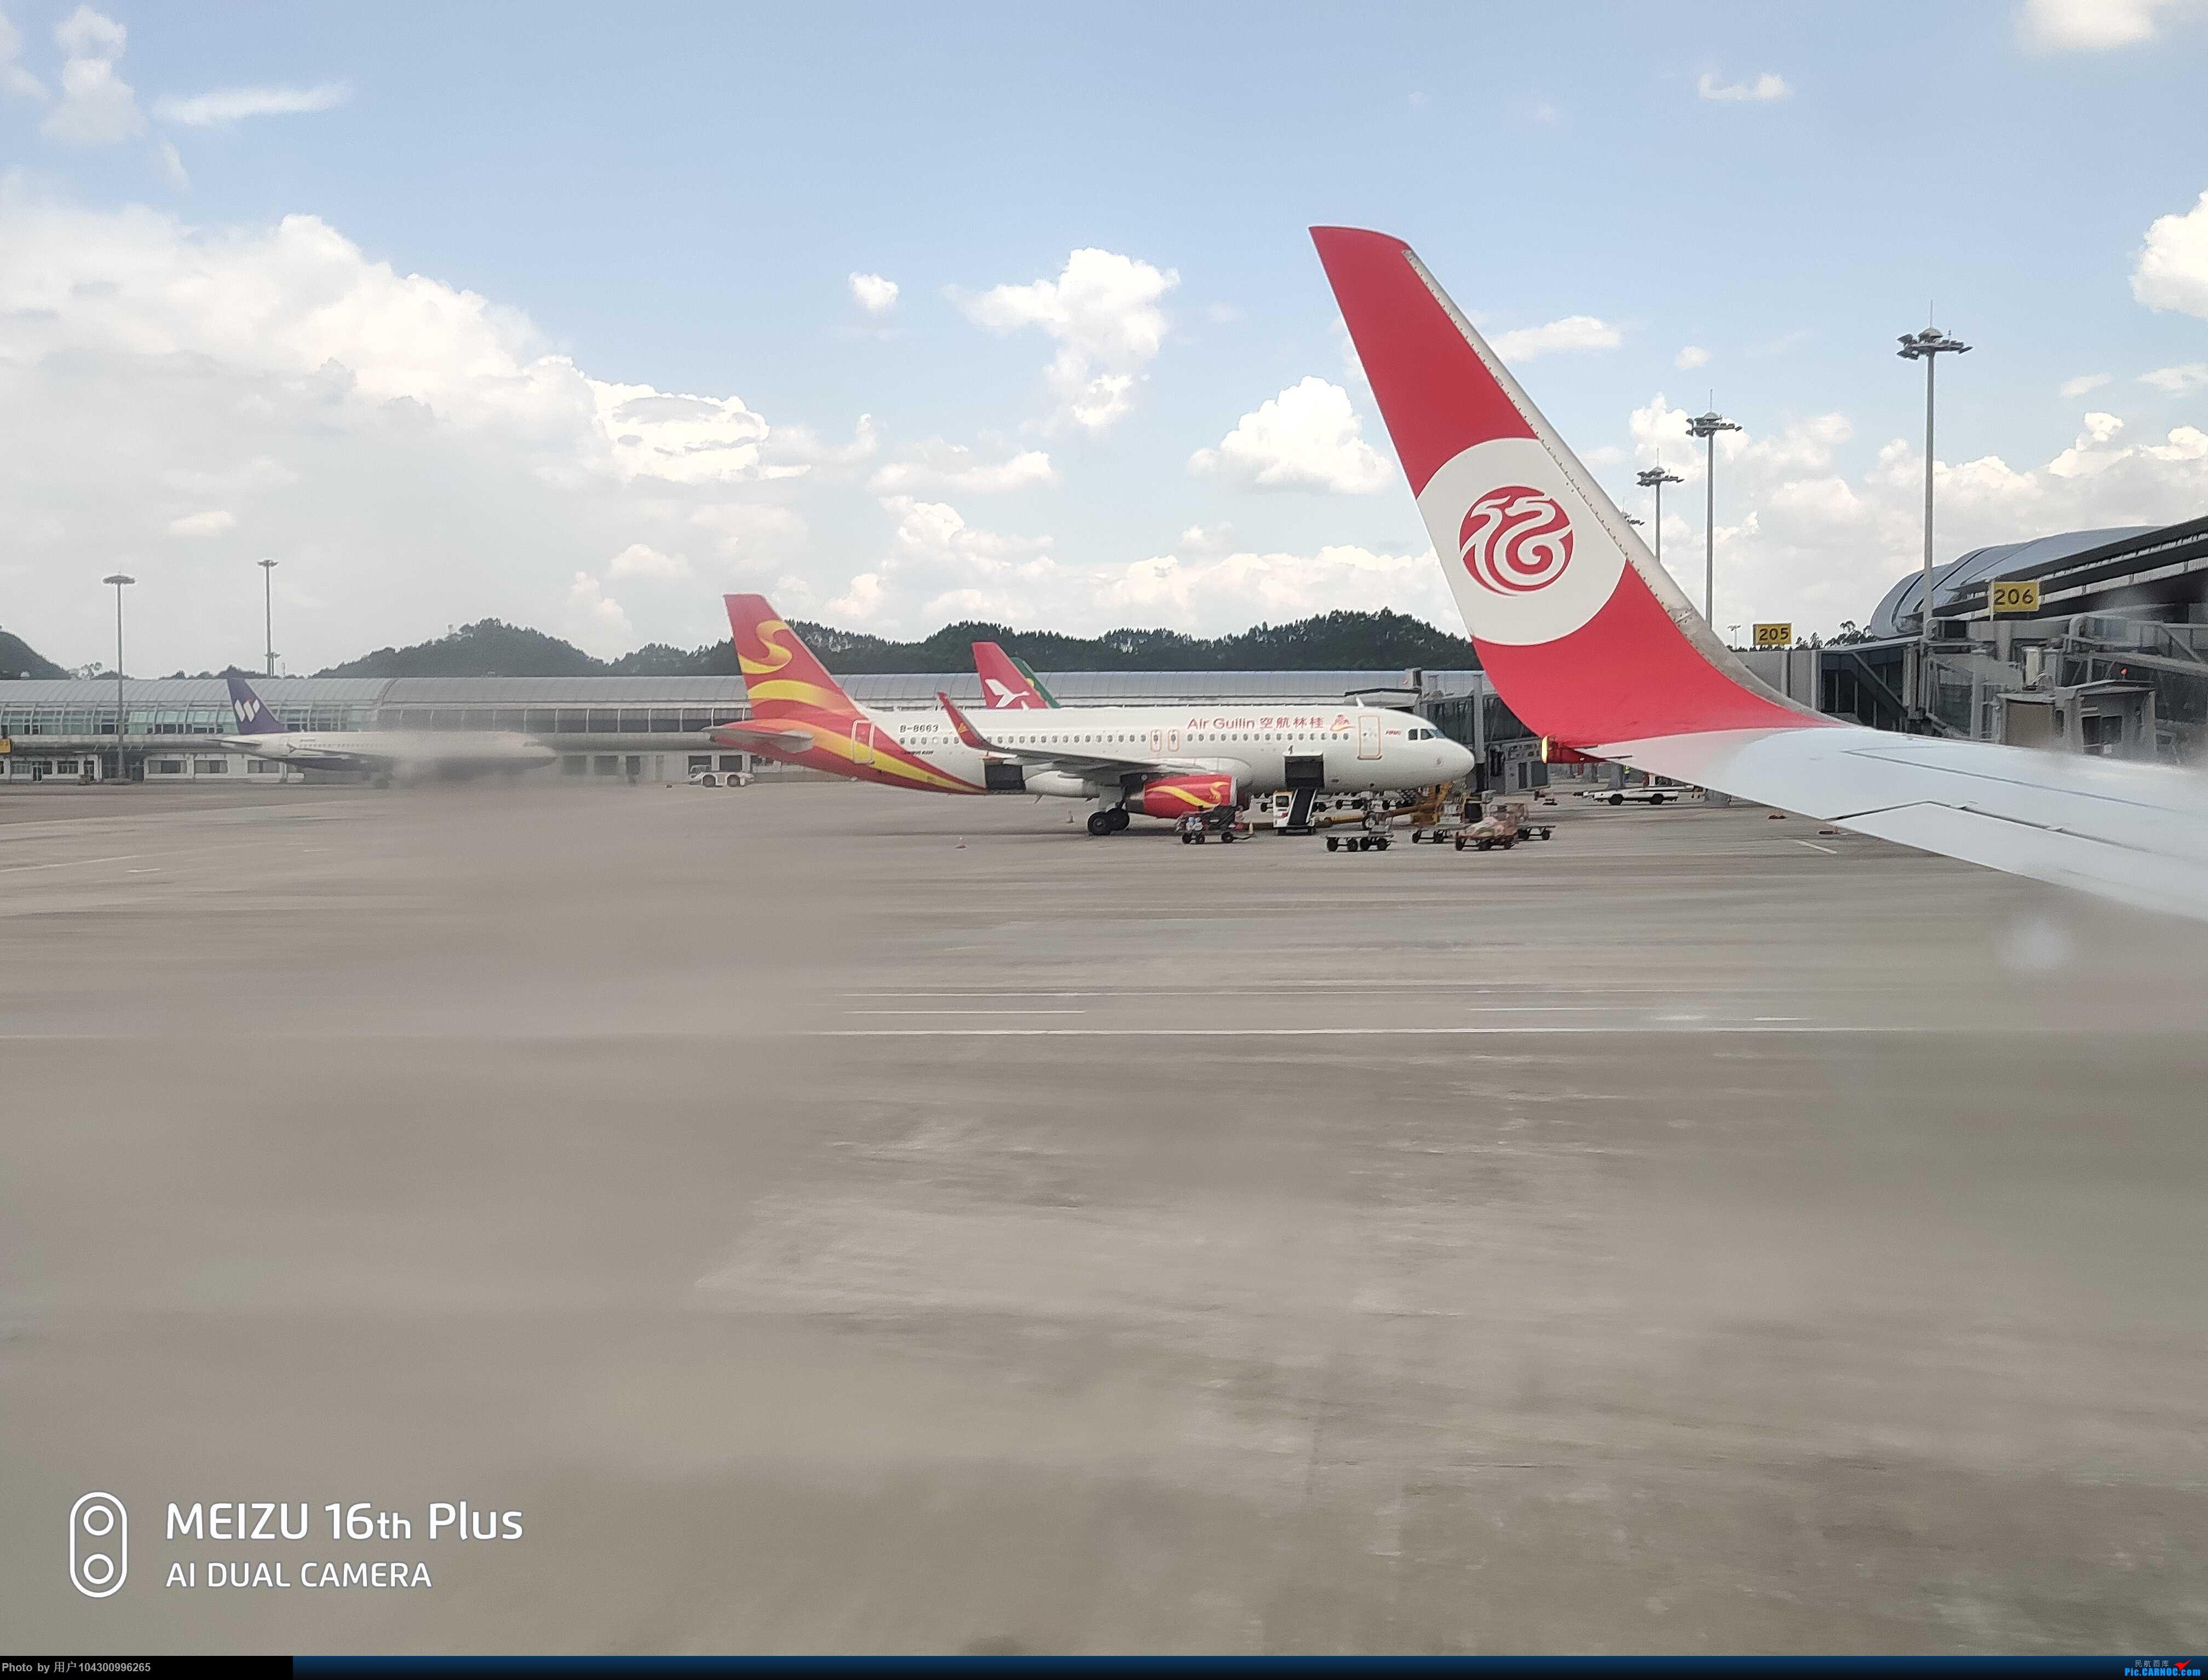 Re:[原创]DM游记之FU遵义--桂林 AIRBUS A320-200 B-8663 中国桂林两江国际机场